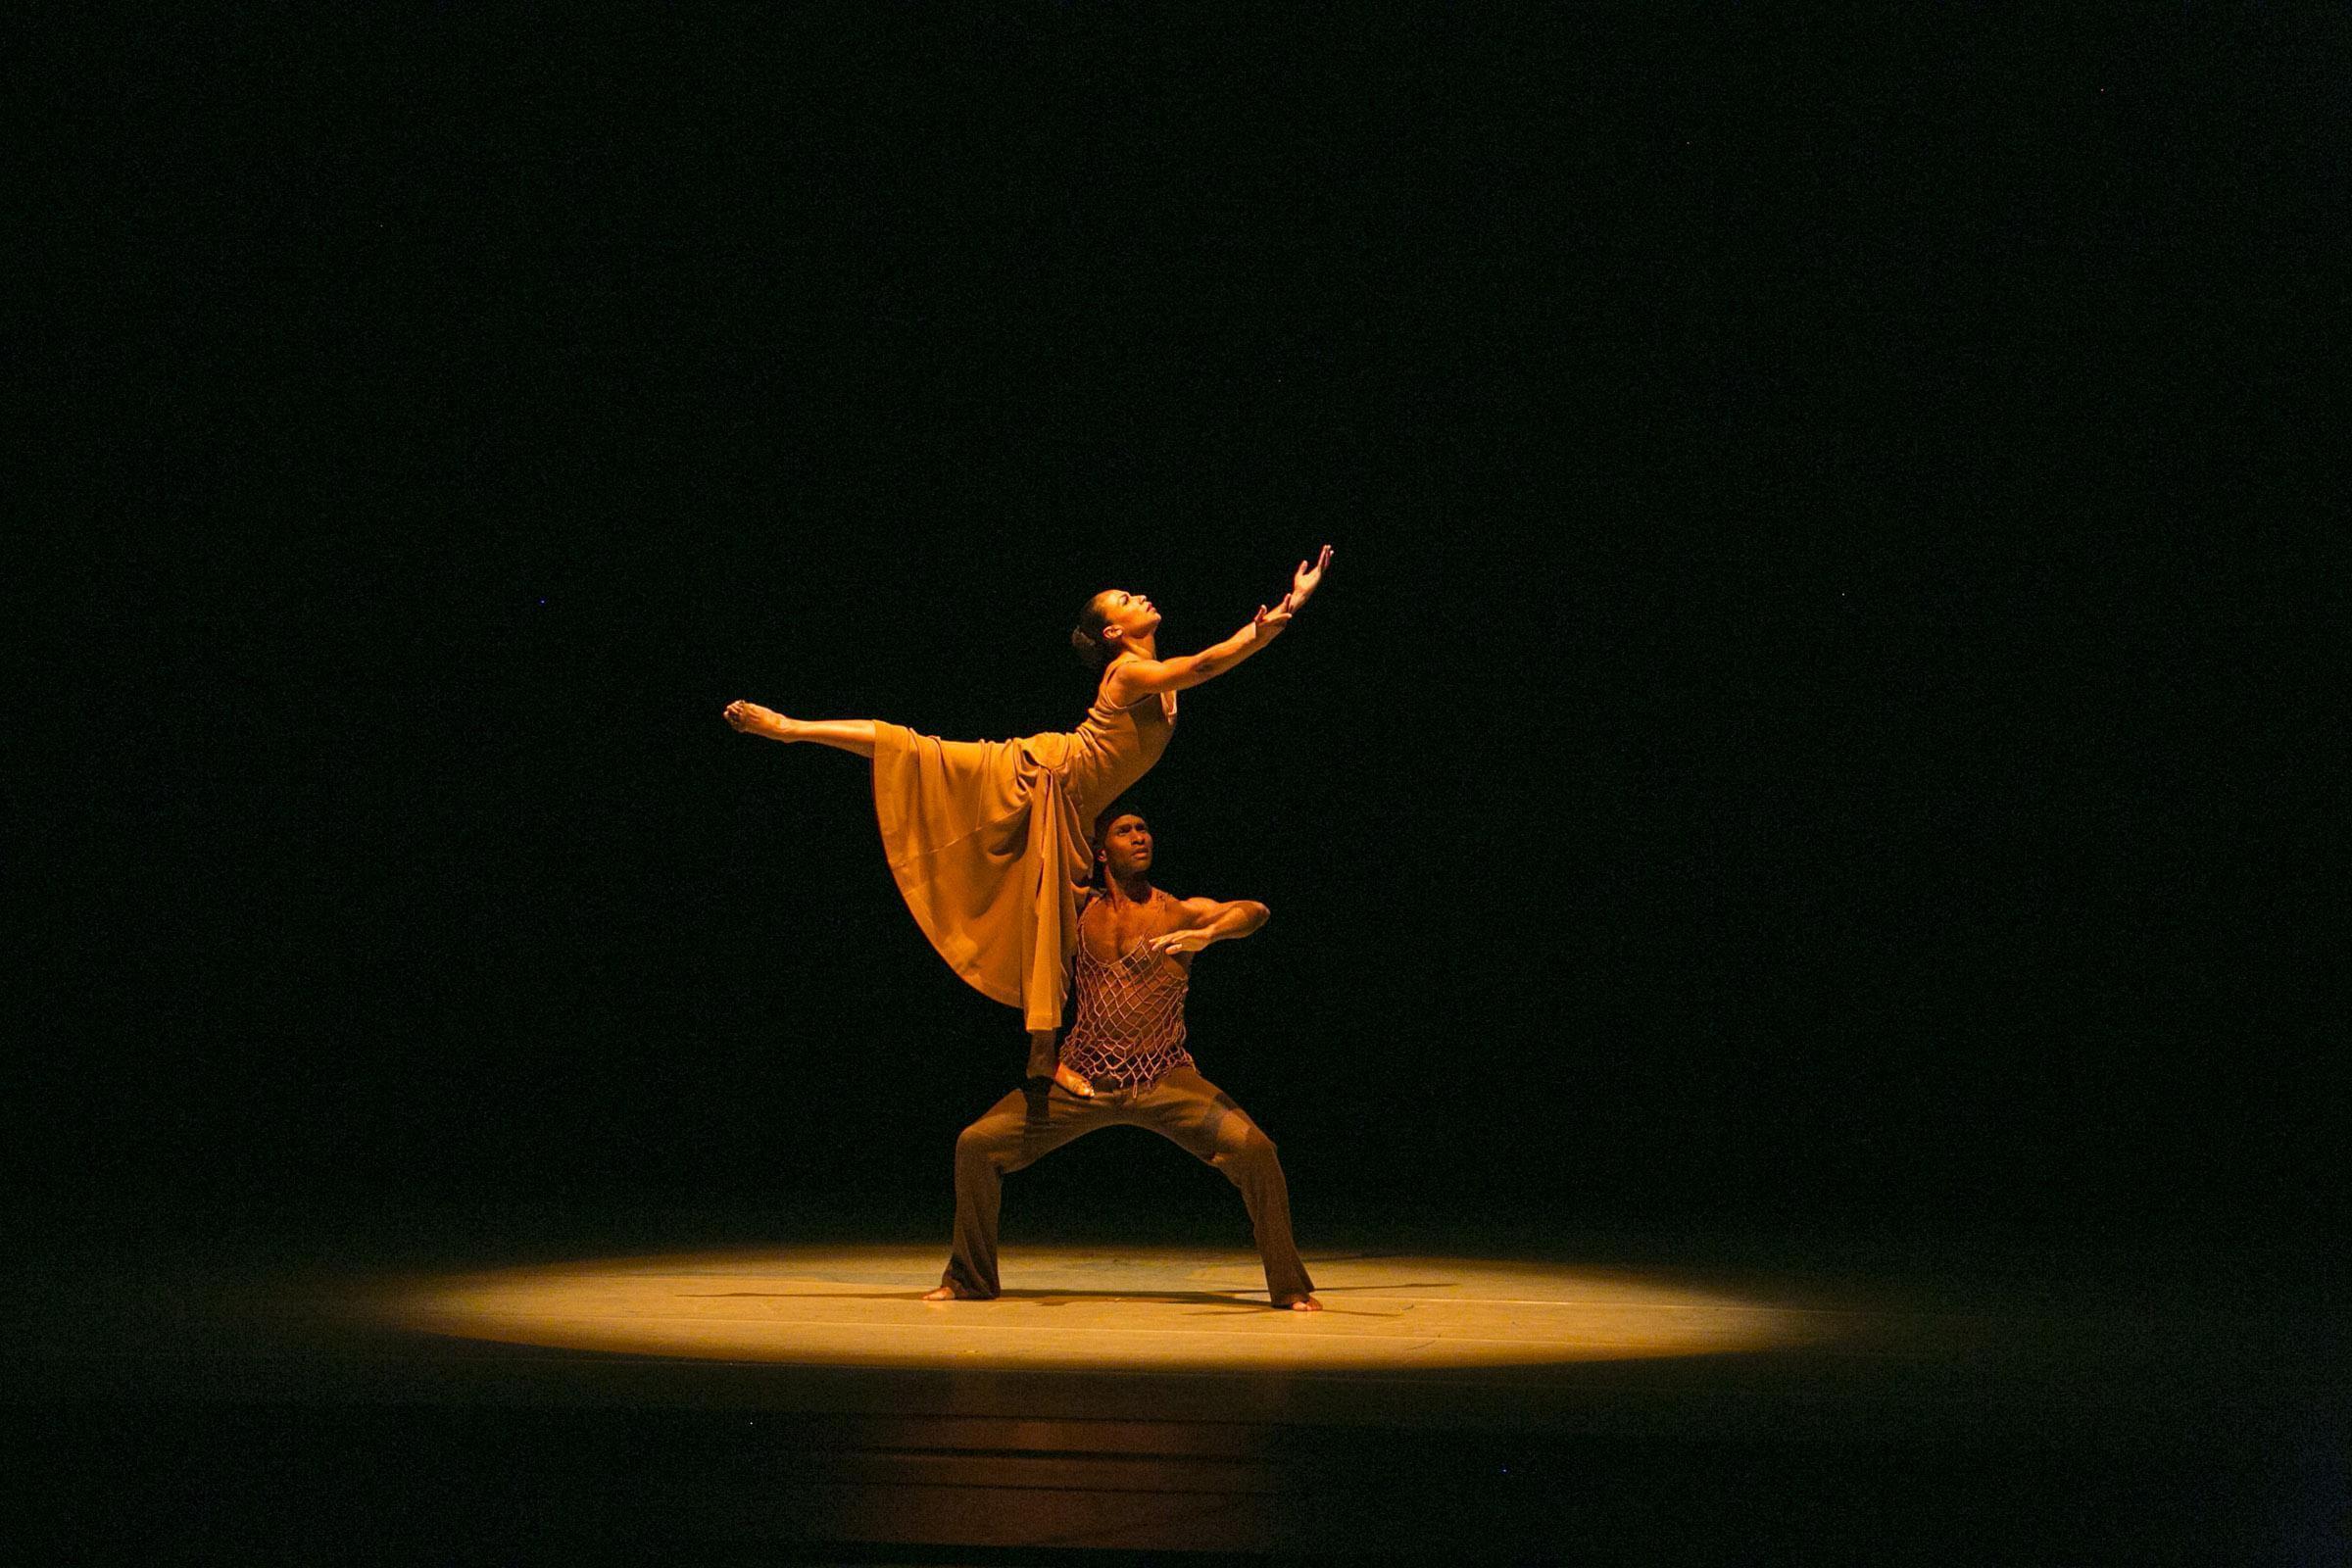 lincoln center movies alvin ailey american dance theatre